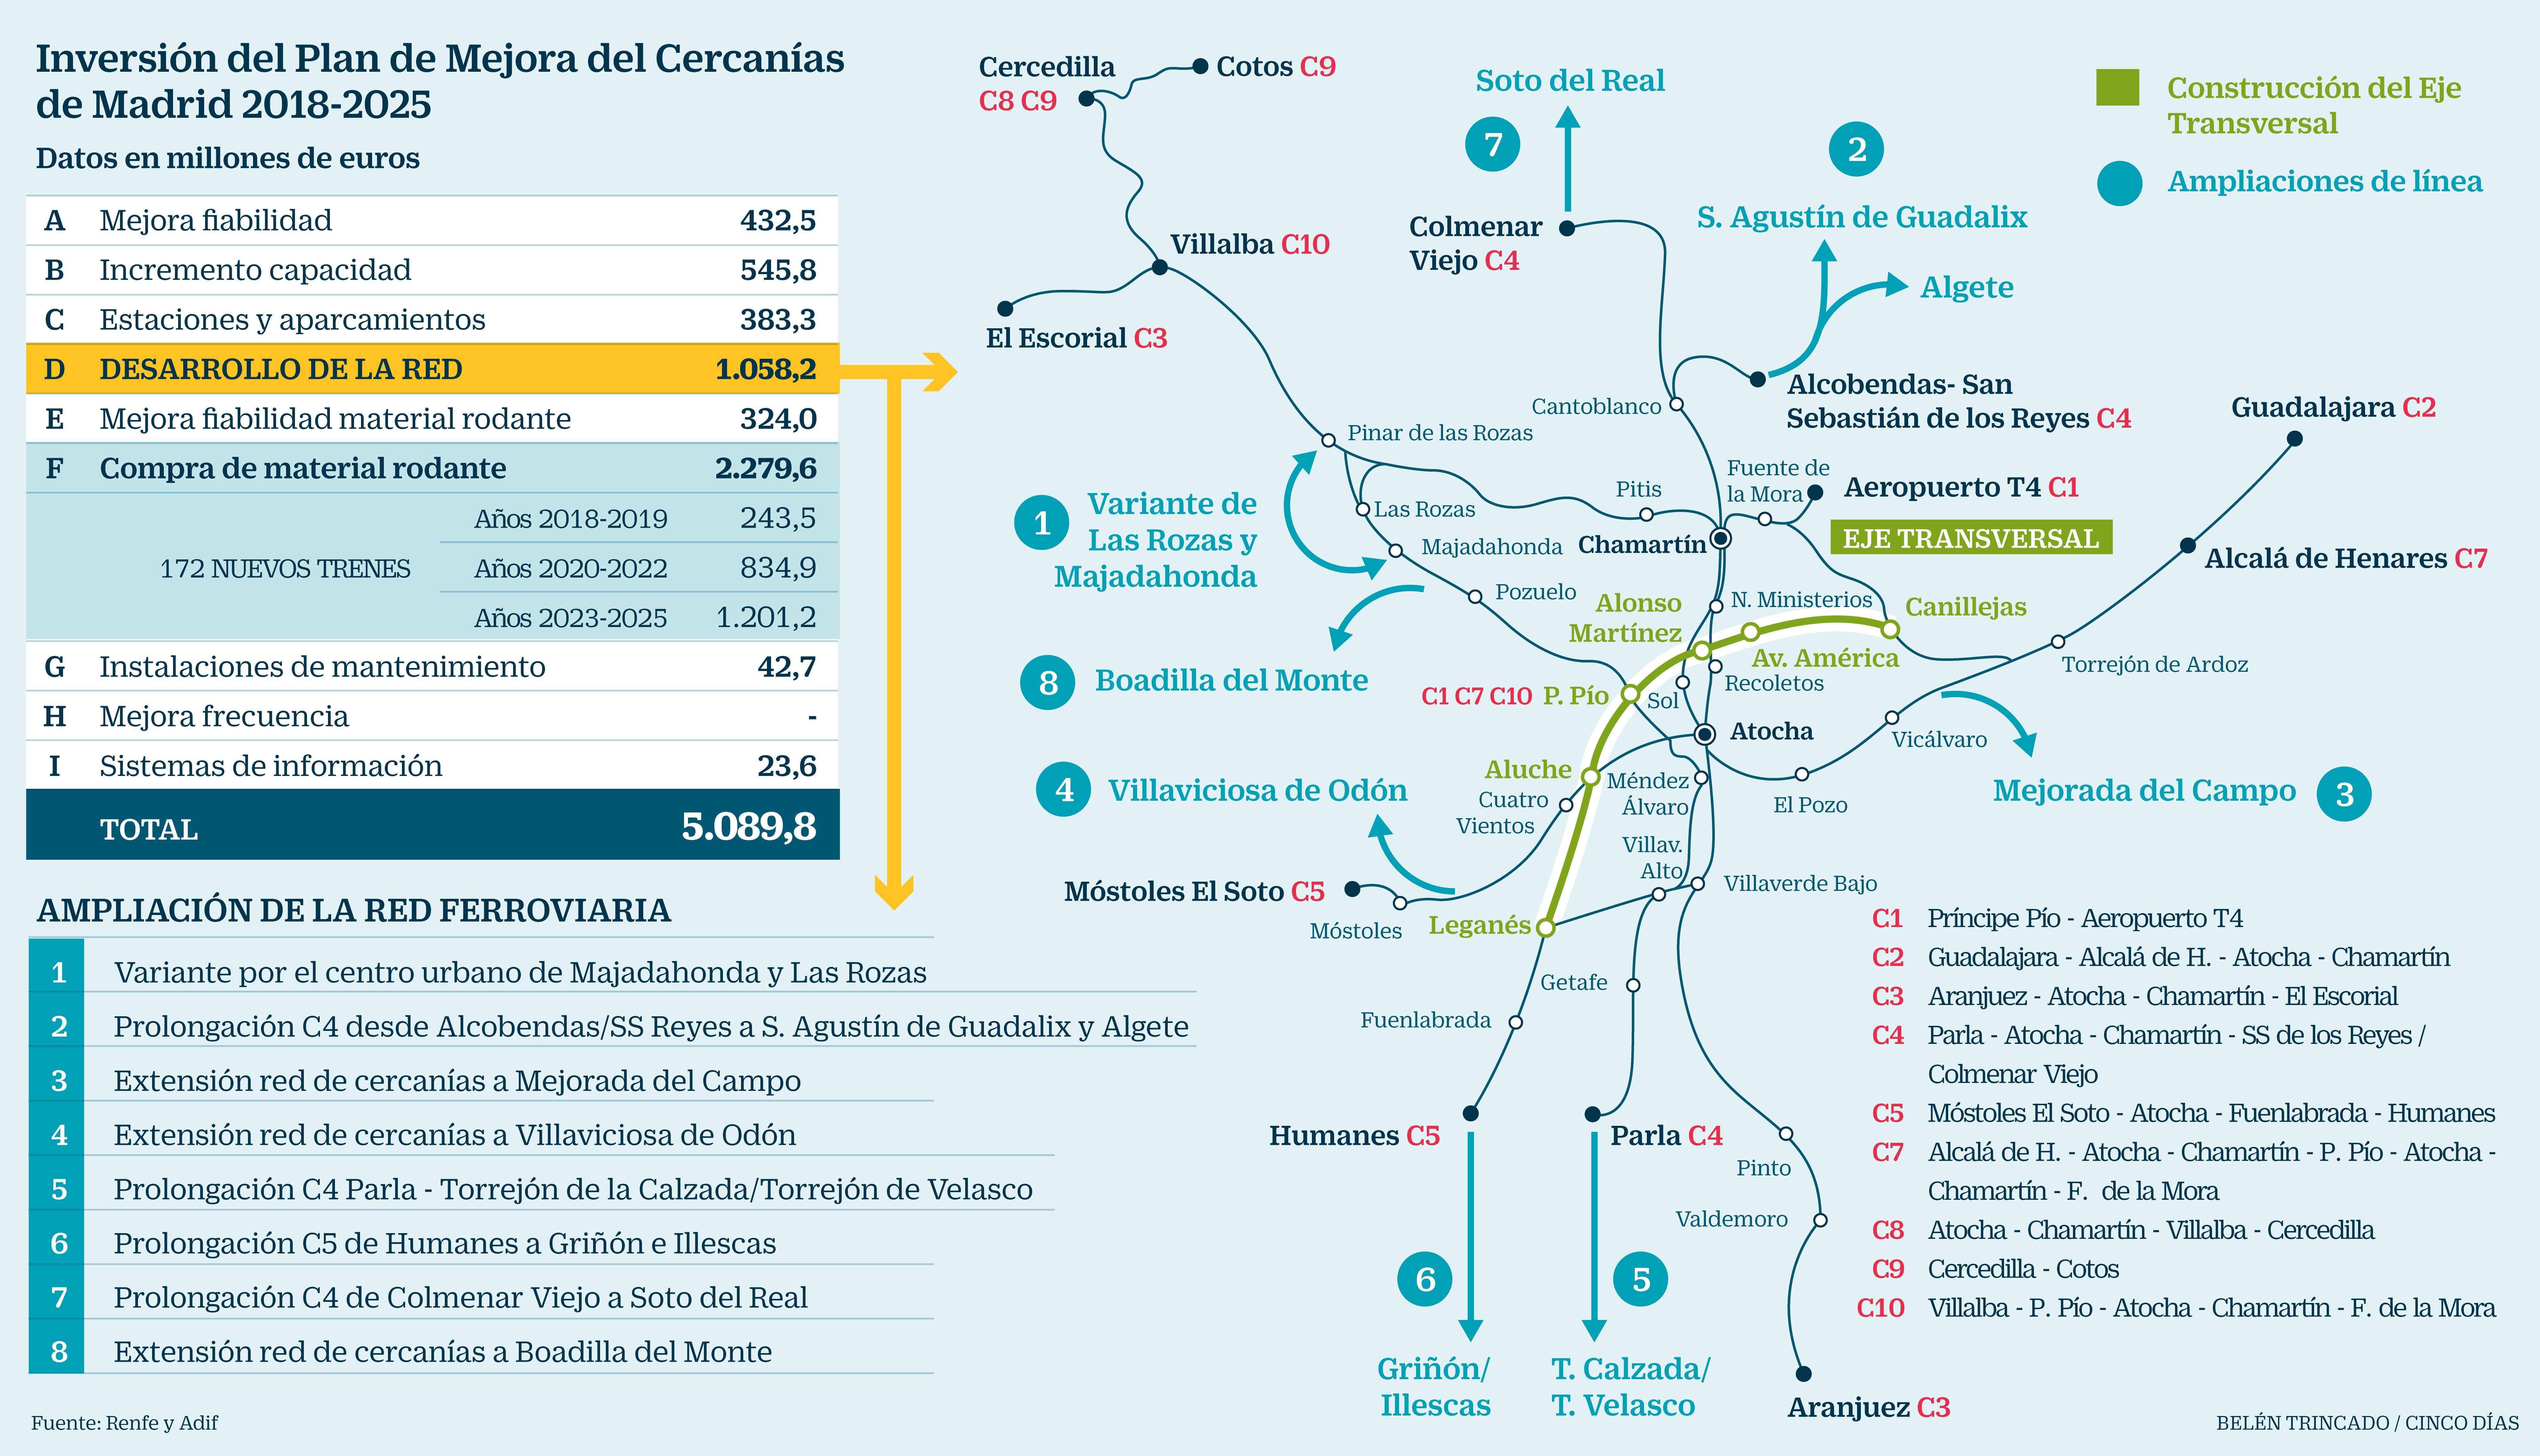 Fomento Lanza Un Plan De 5 000 Millones De Inversion Hasta 2025 Para